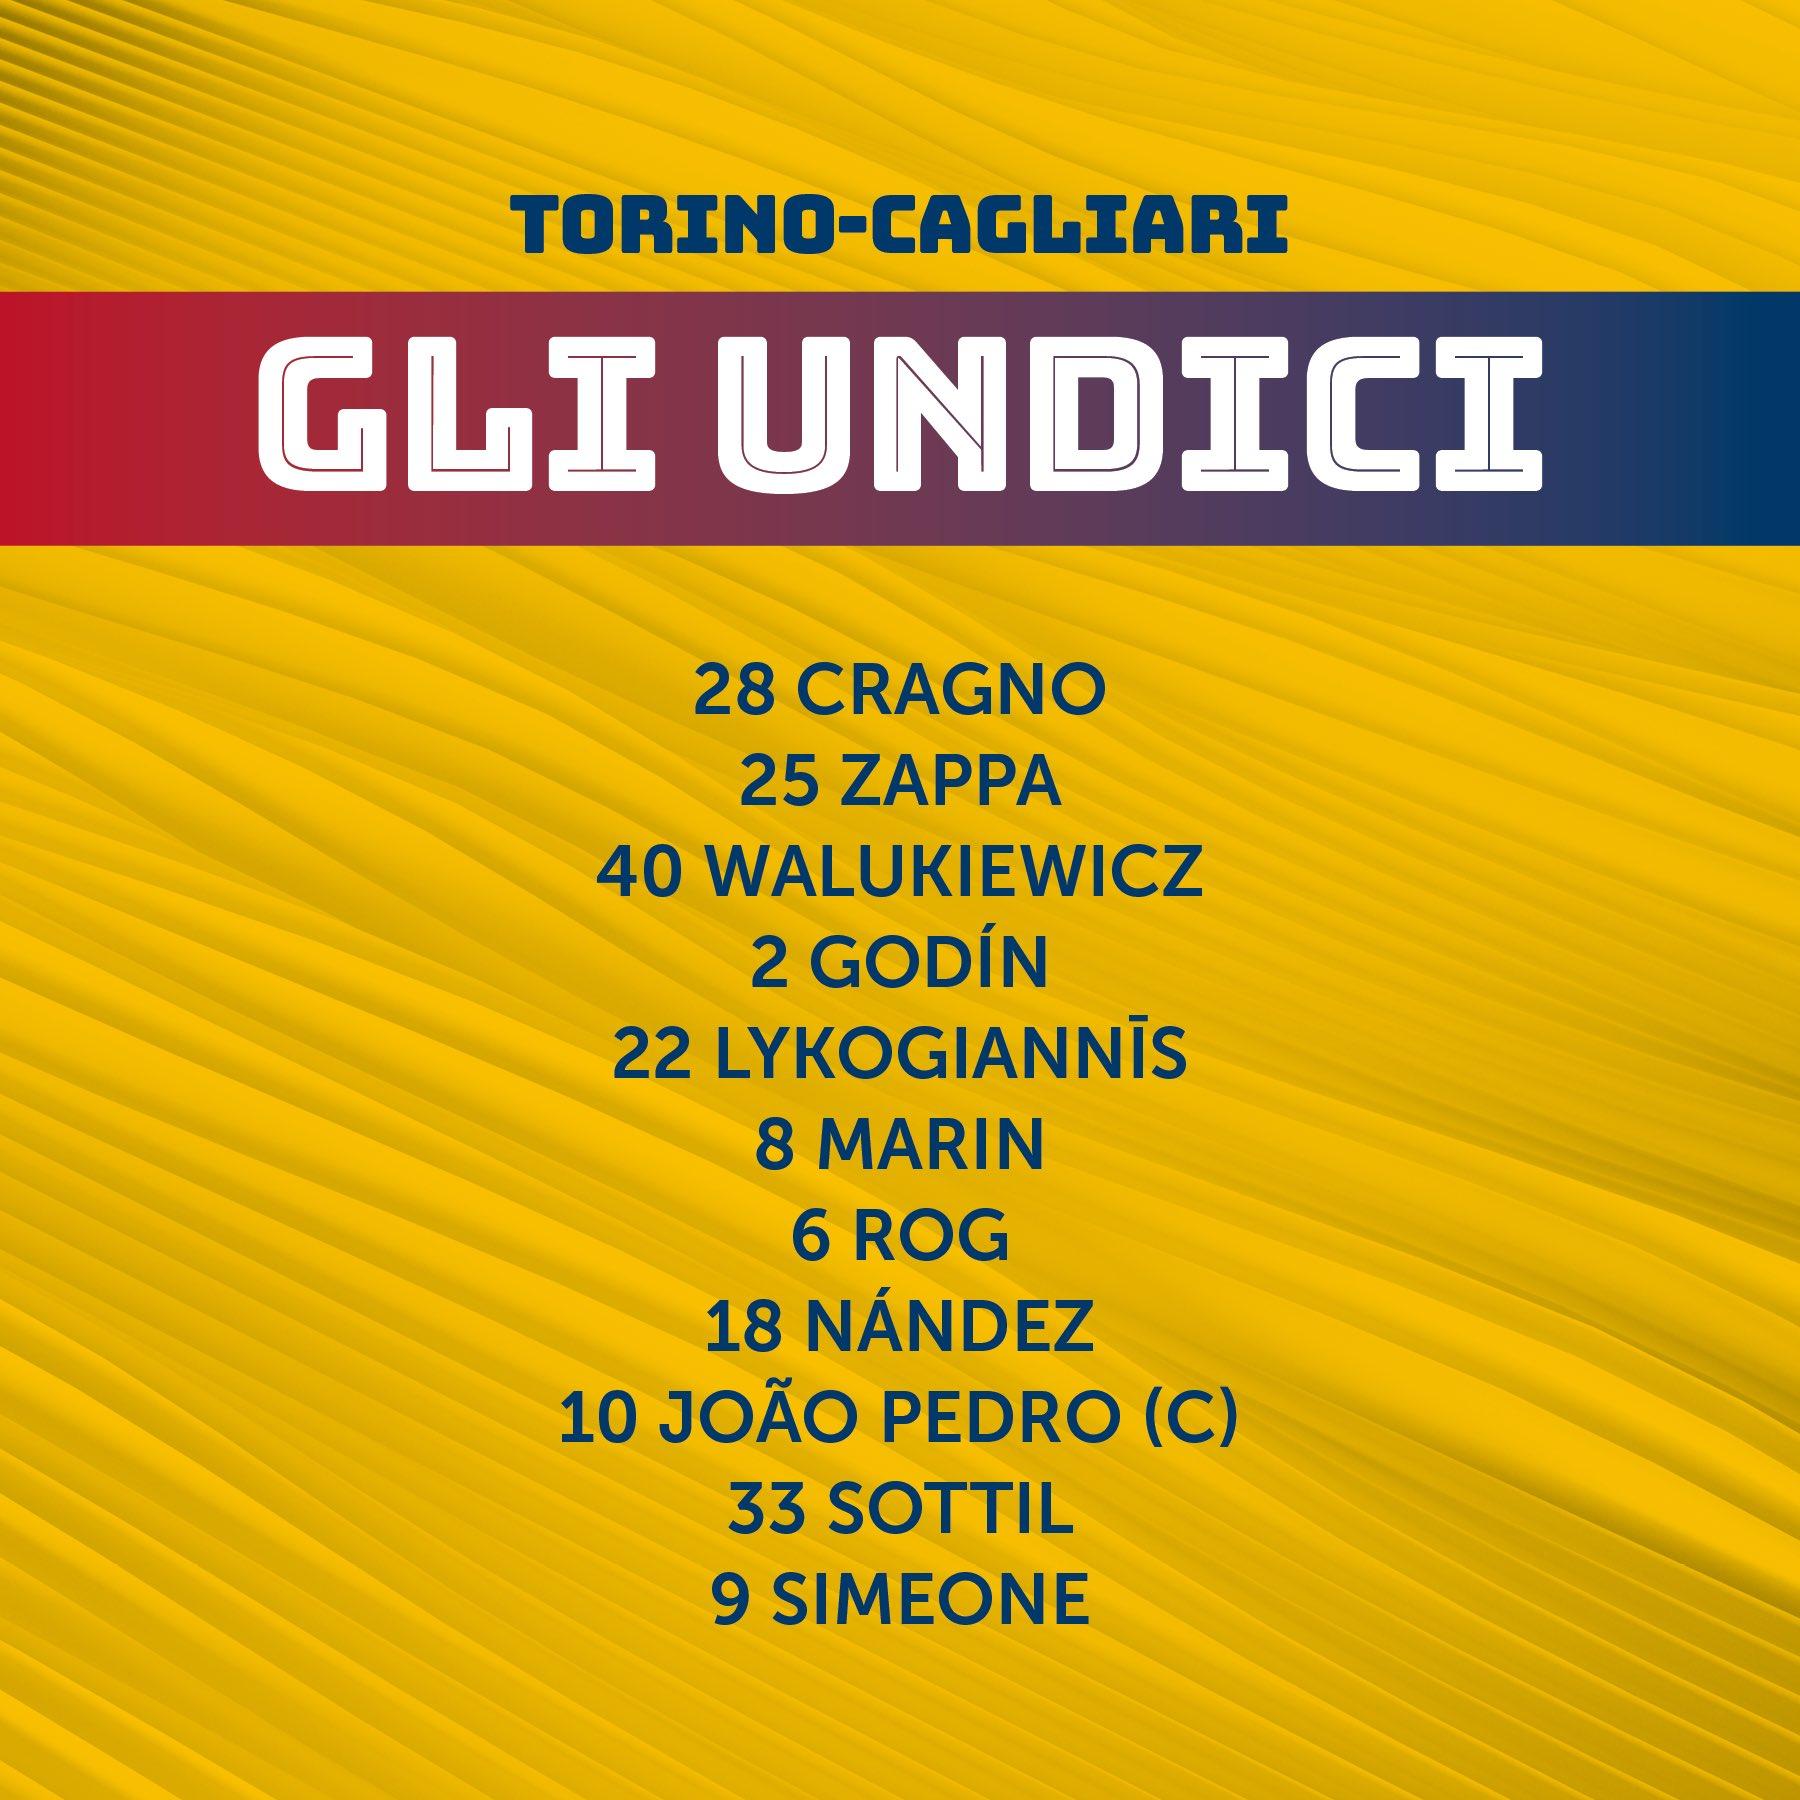 #TorinoCagliari Foto,#TorinoCagliari Twitter Tendenze - Top Tweets